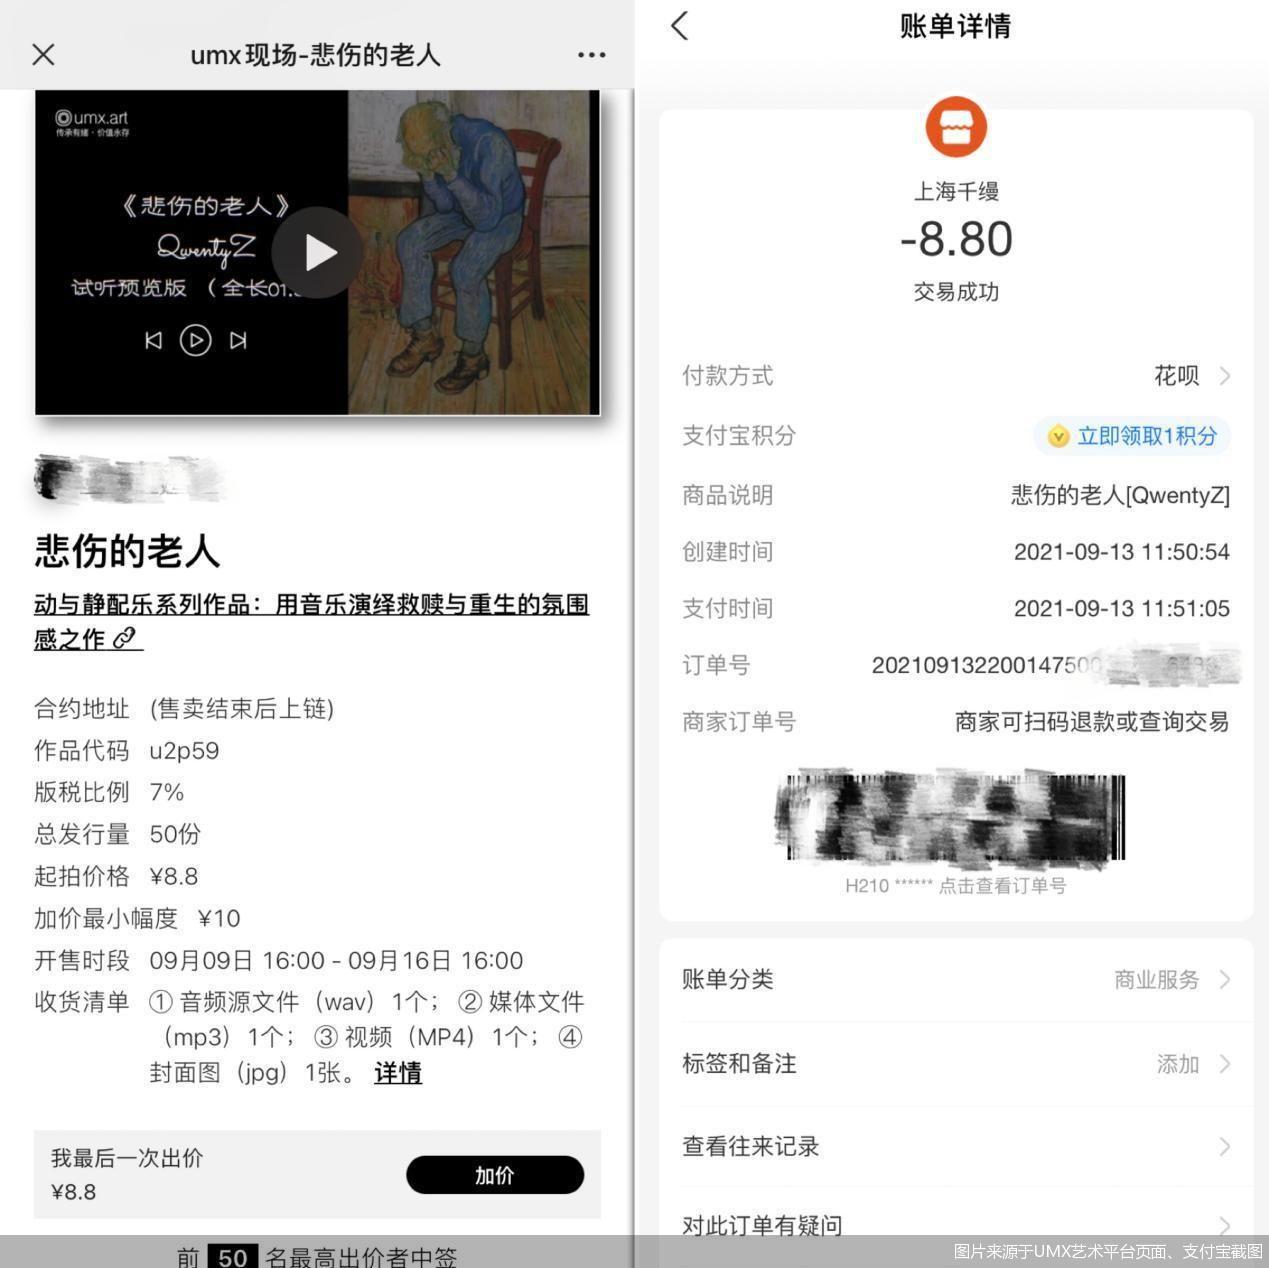 图片来源于UMX艺术平台页面、支付宝截图